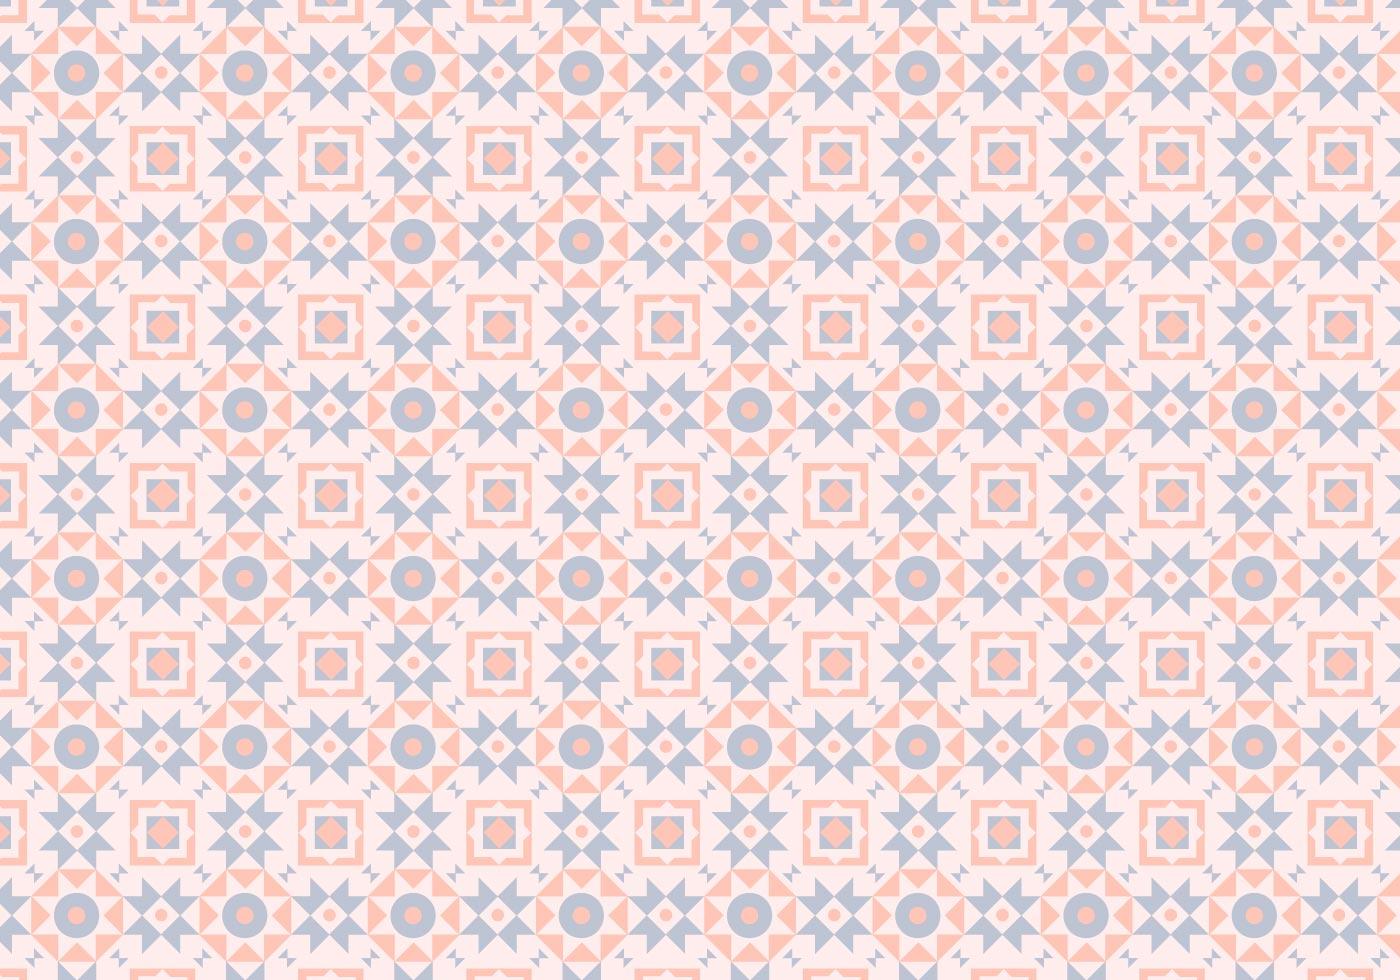 Mosaic Pink Pastel Pattern Download Free Vector Art